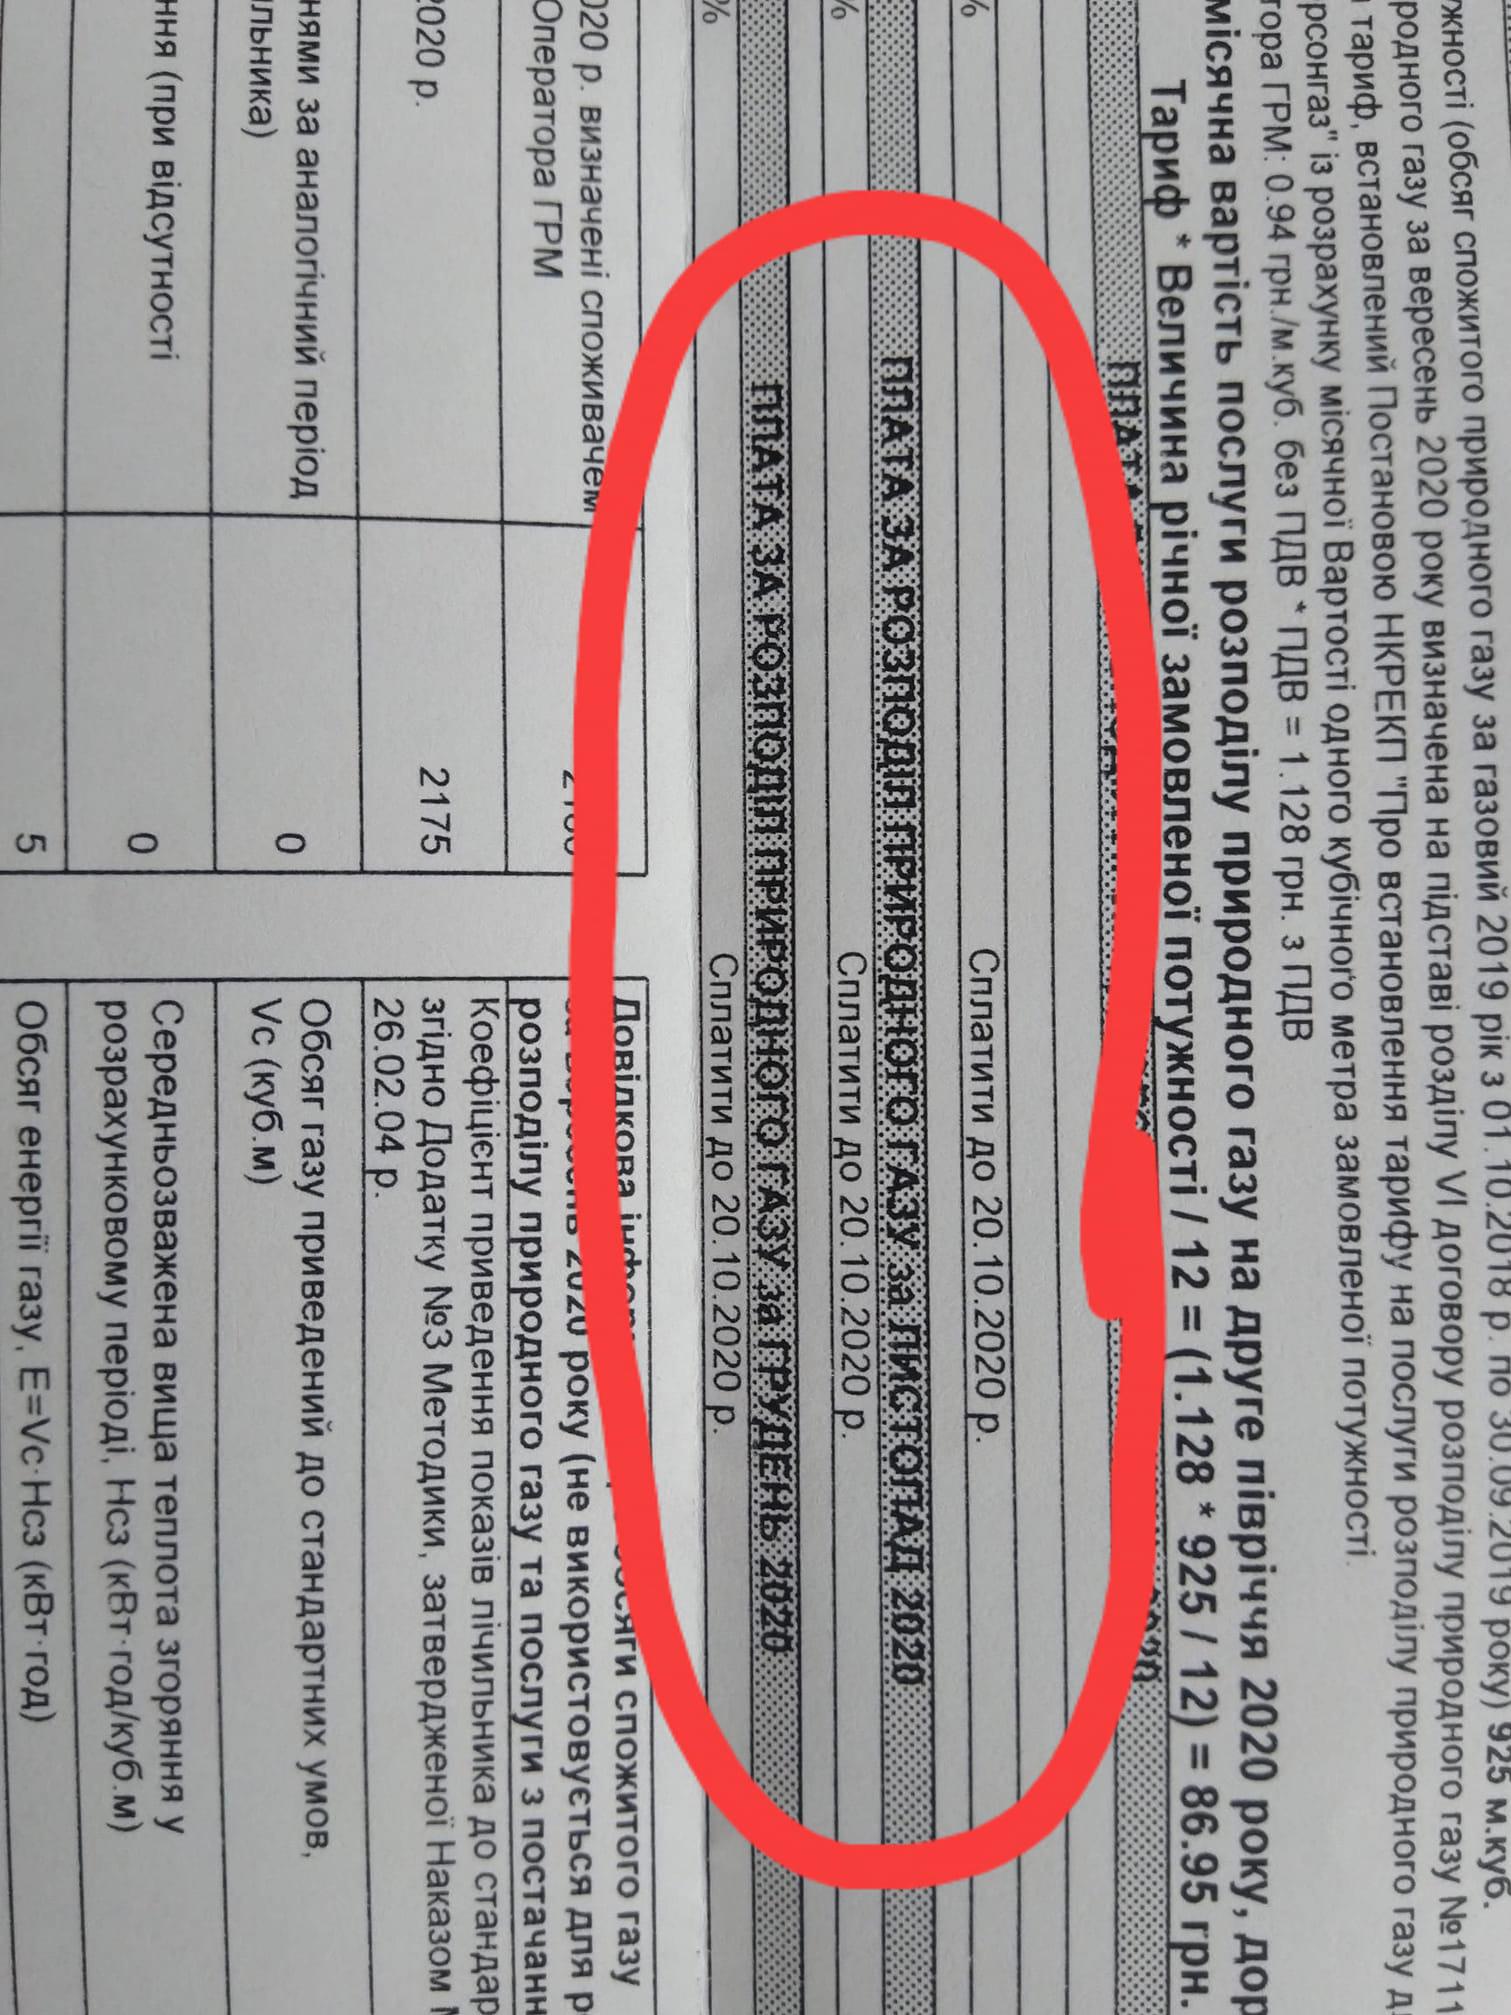 Херсонцы получили платежки за распределение газа в ноябре и декабре